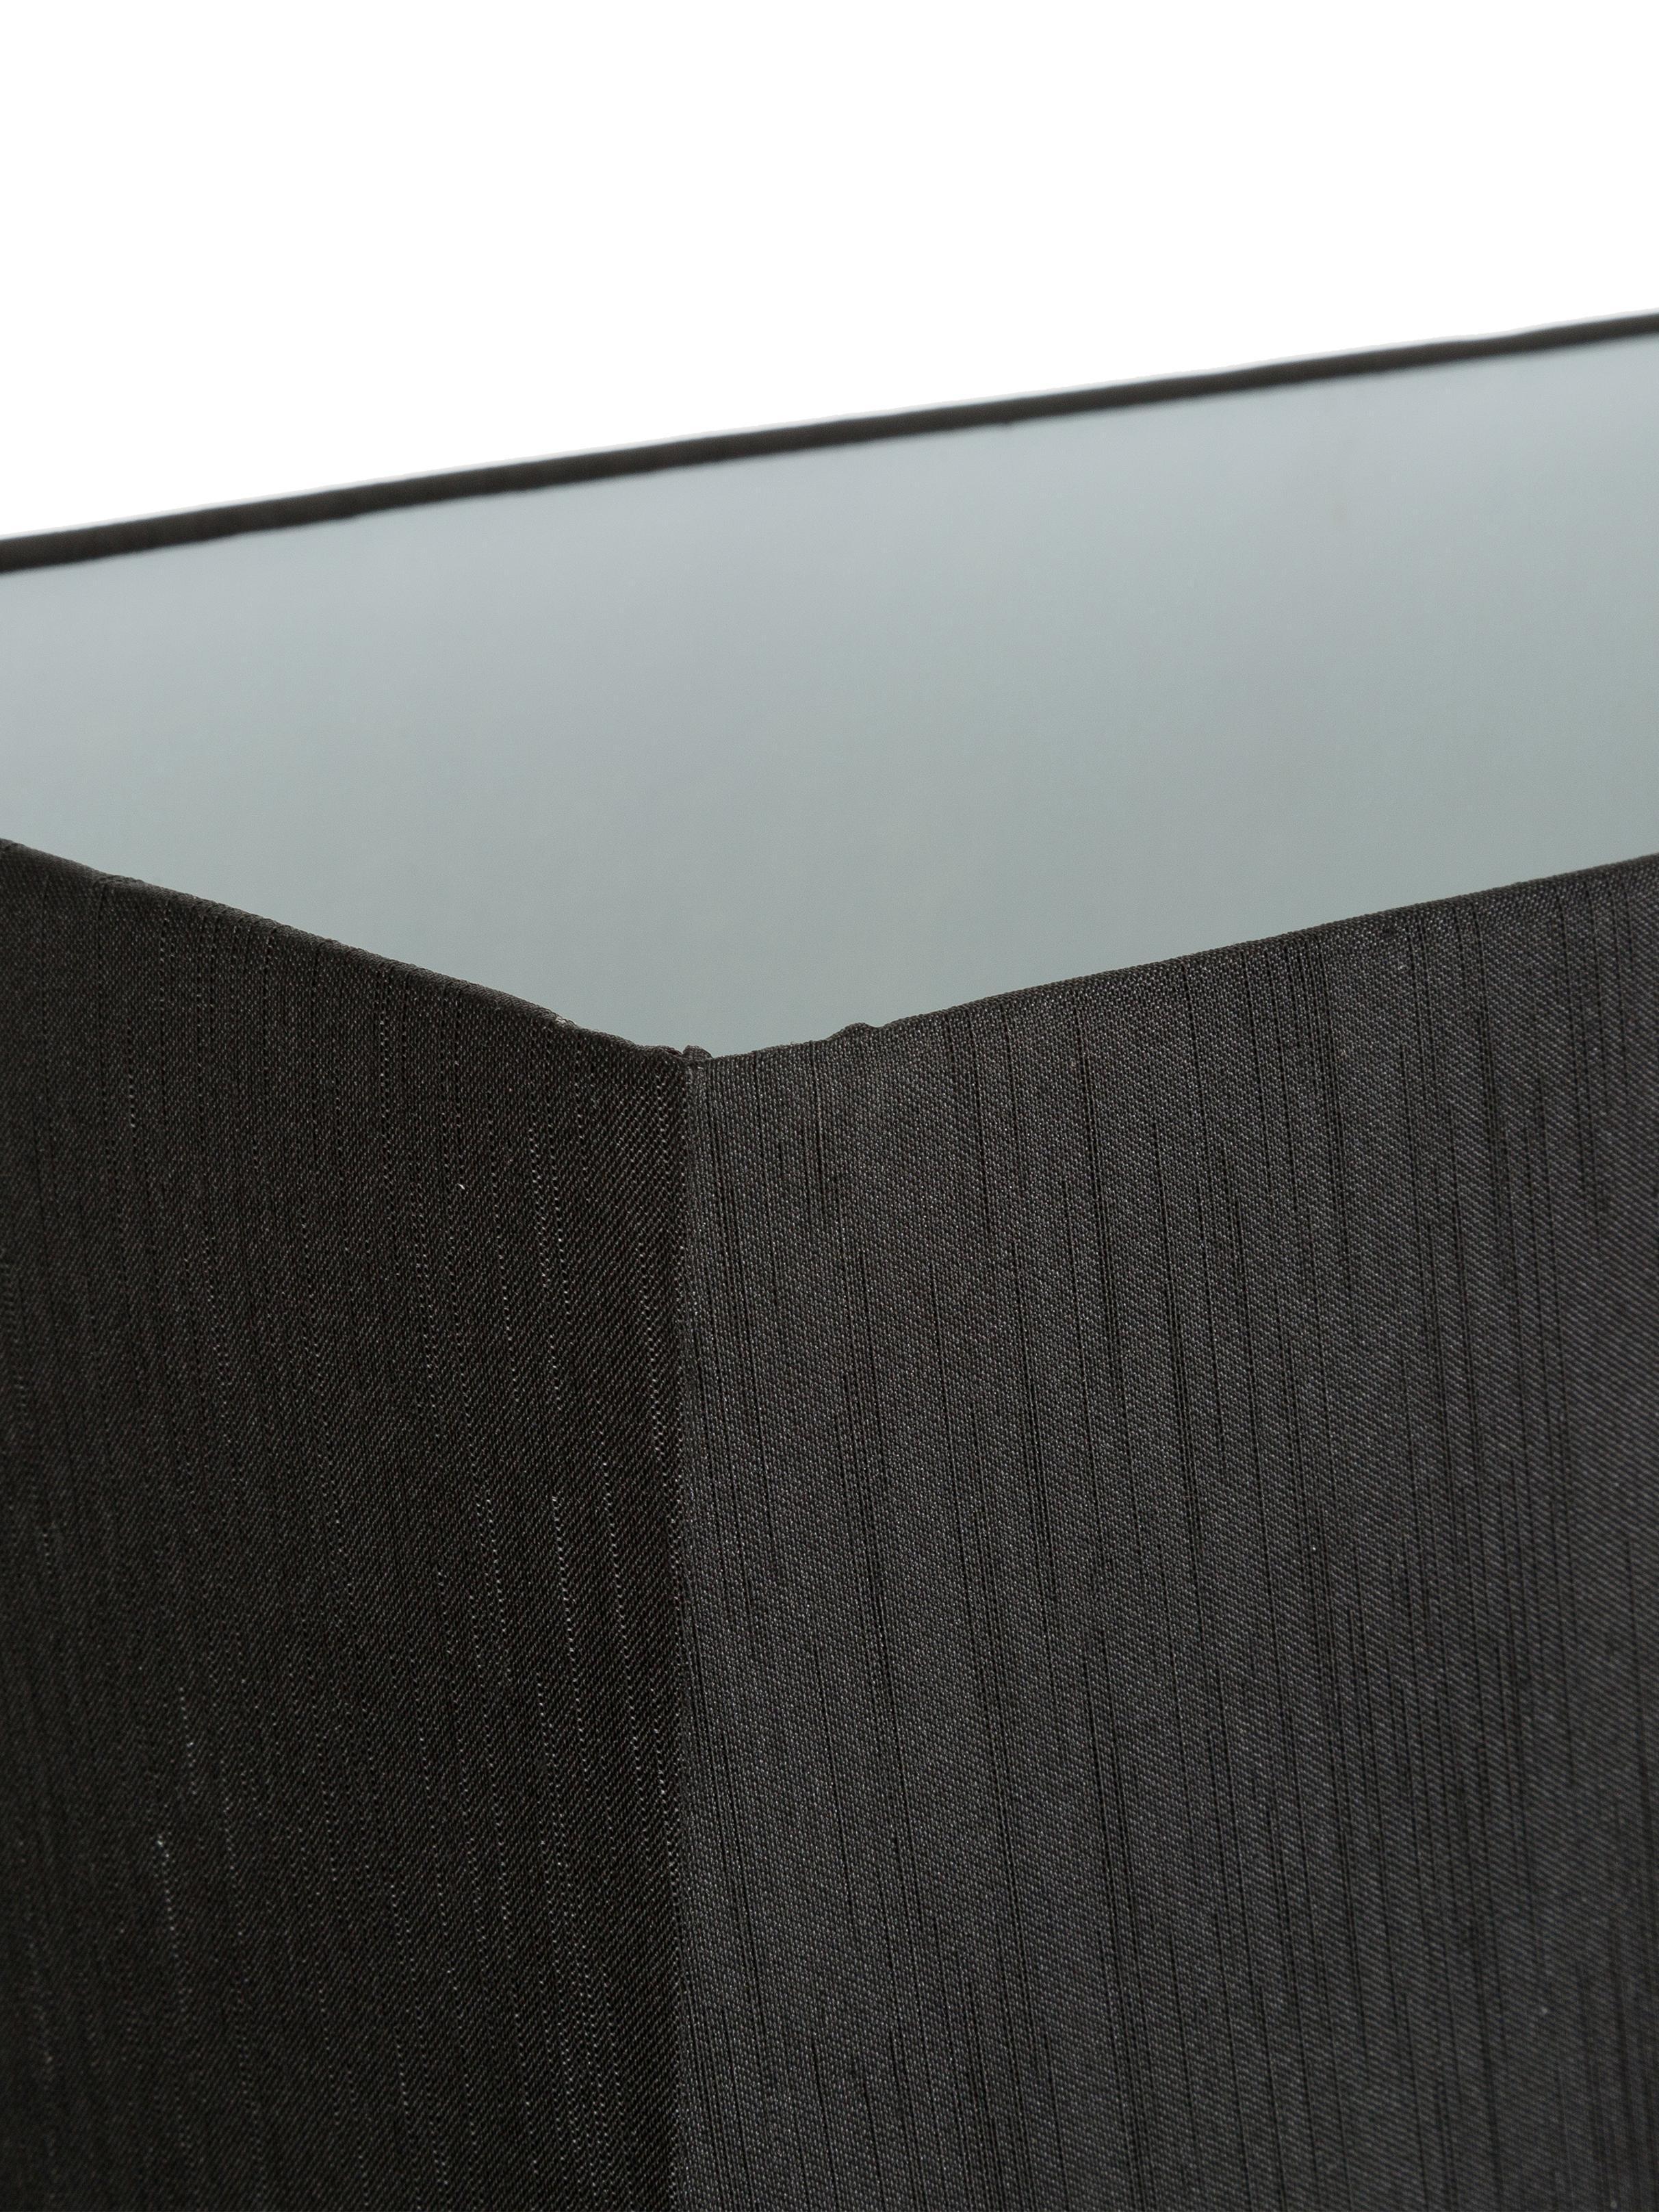 Große Tischlampe Serafina aus Spiegelglas, Lampenfuß: Spiegelglas, Lampenschirm: Textil, Lampenfuß: Schwarz, verspiegelt<br>Lampenschirm: Schwarz, 38 x 58 cm